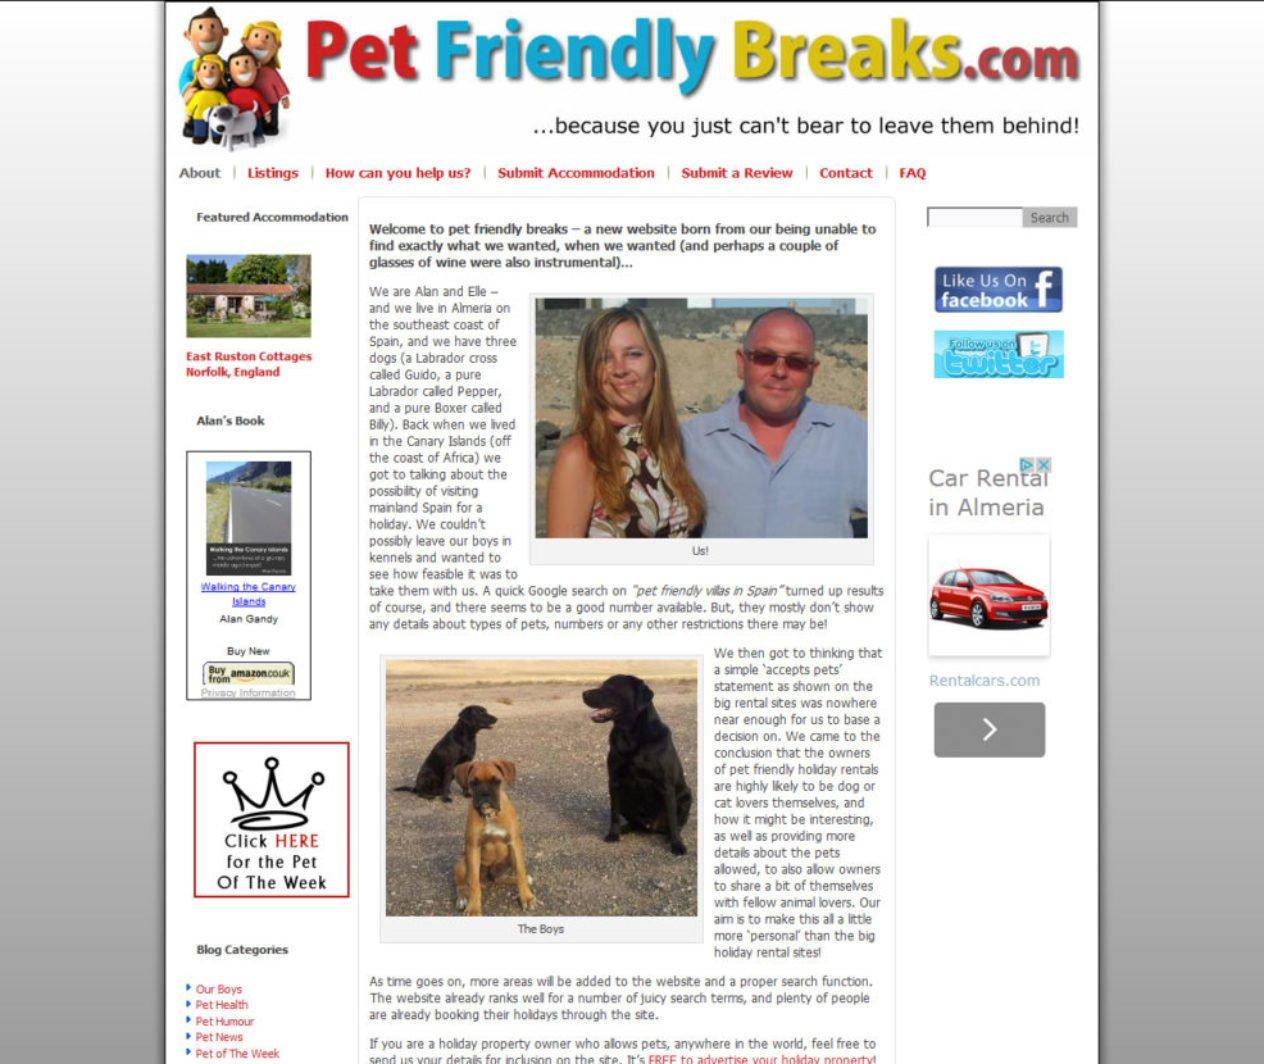 Pet Friendly Breaks